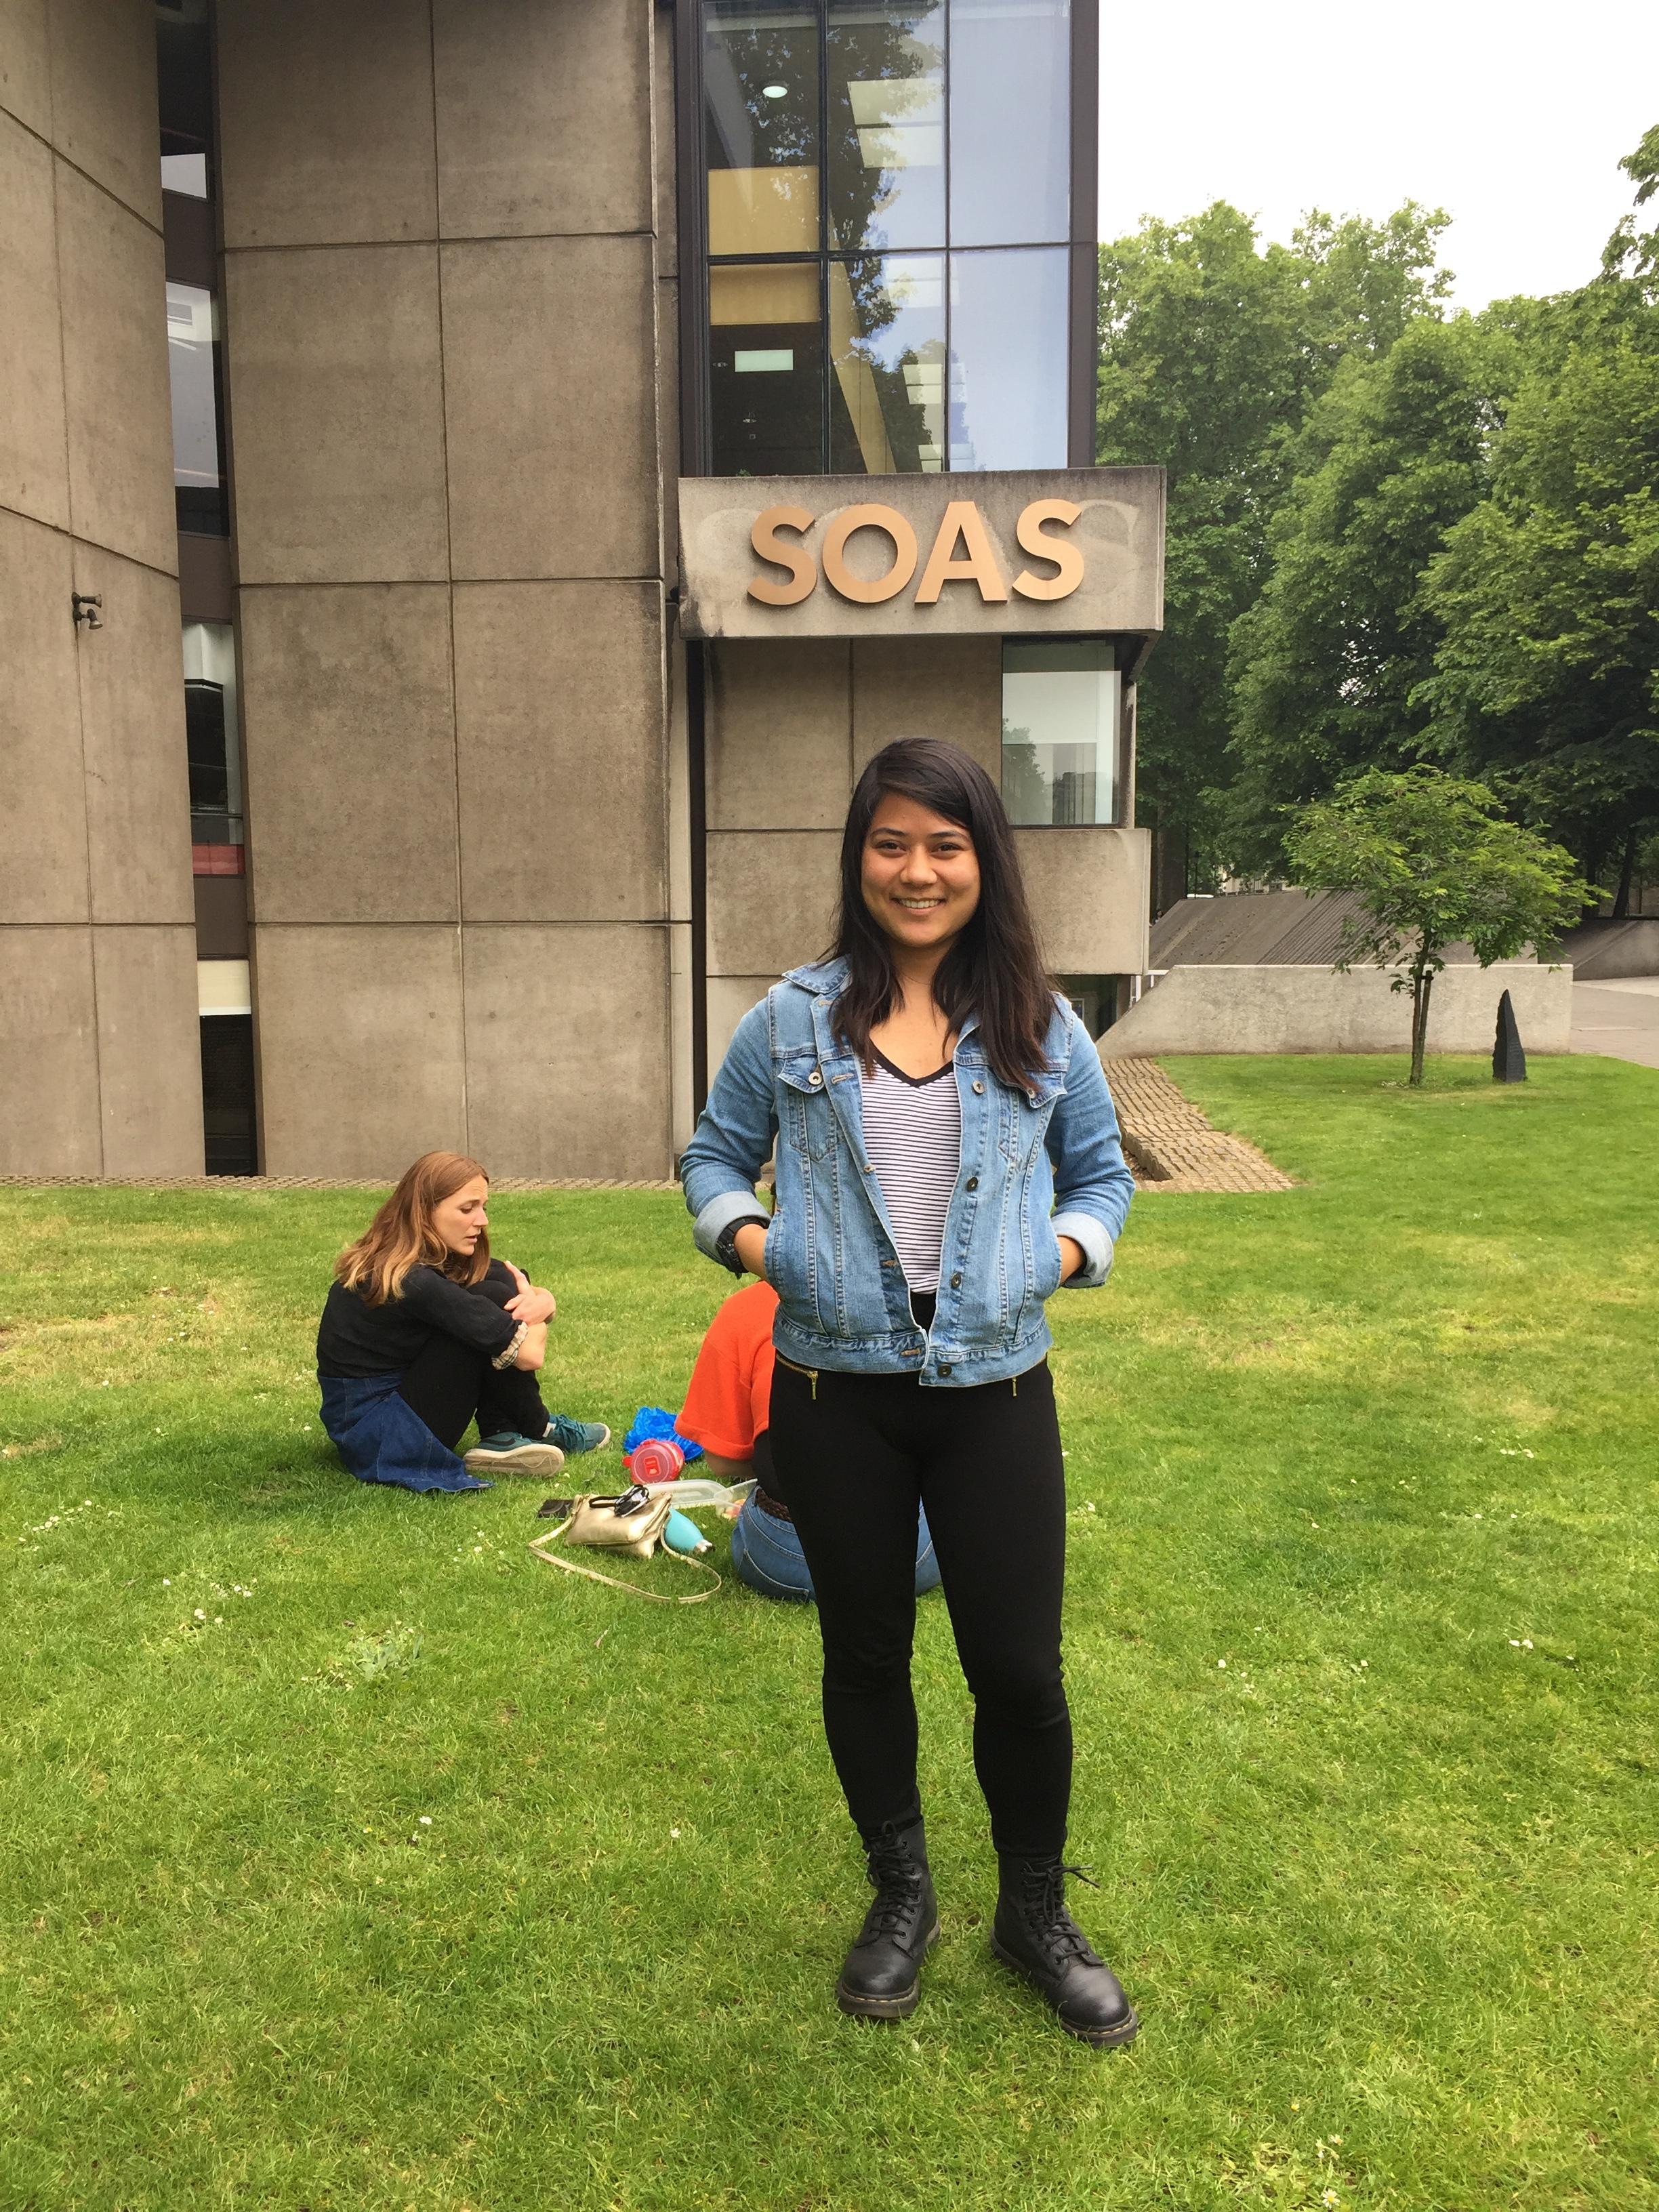 At SOAS, London